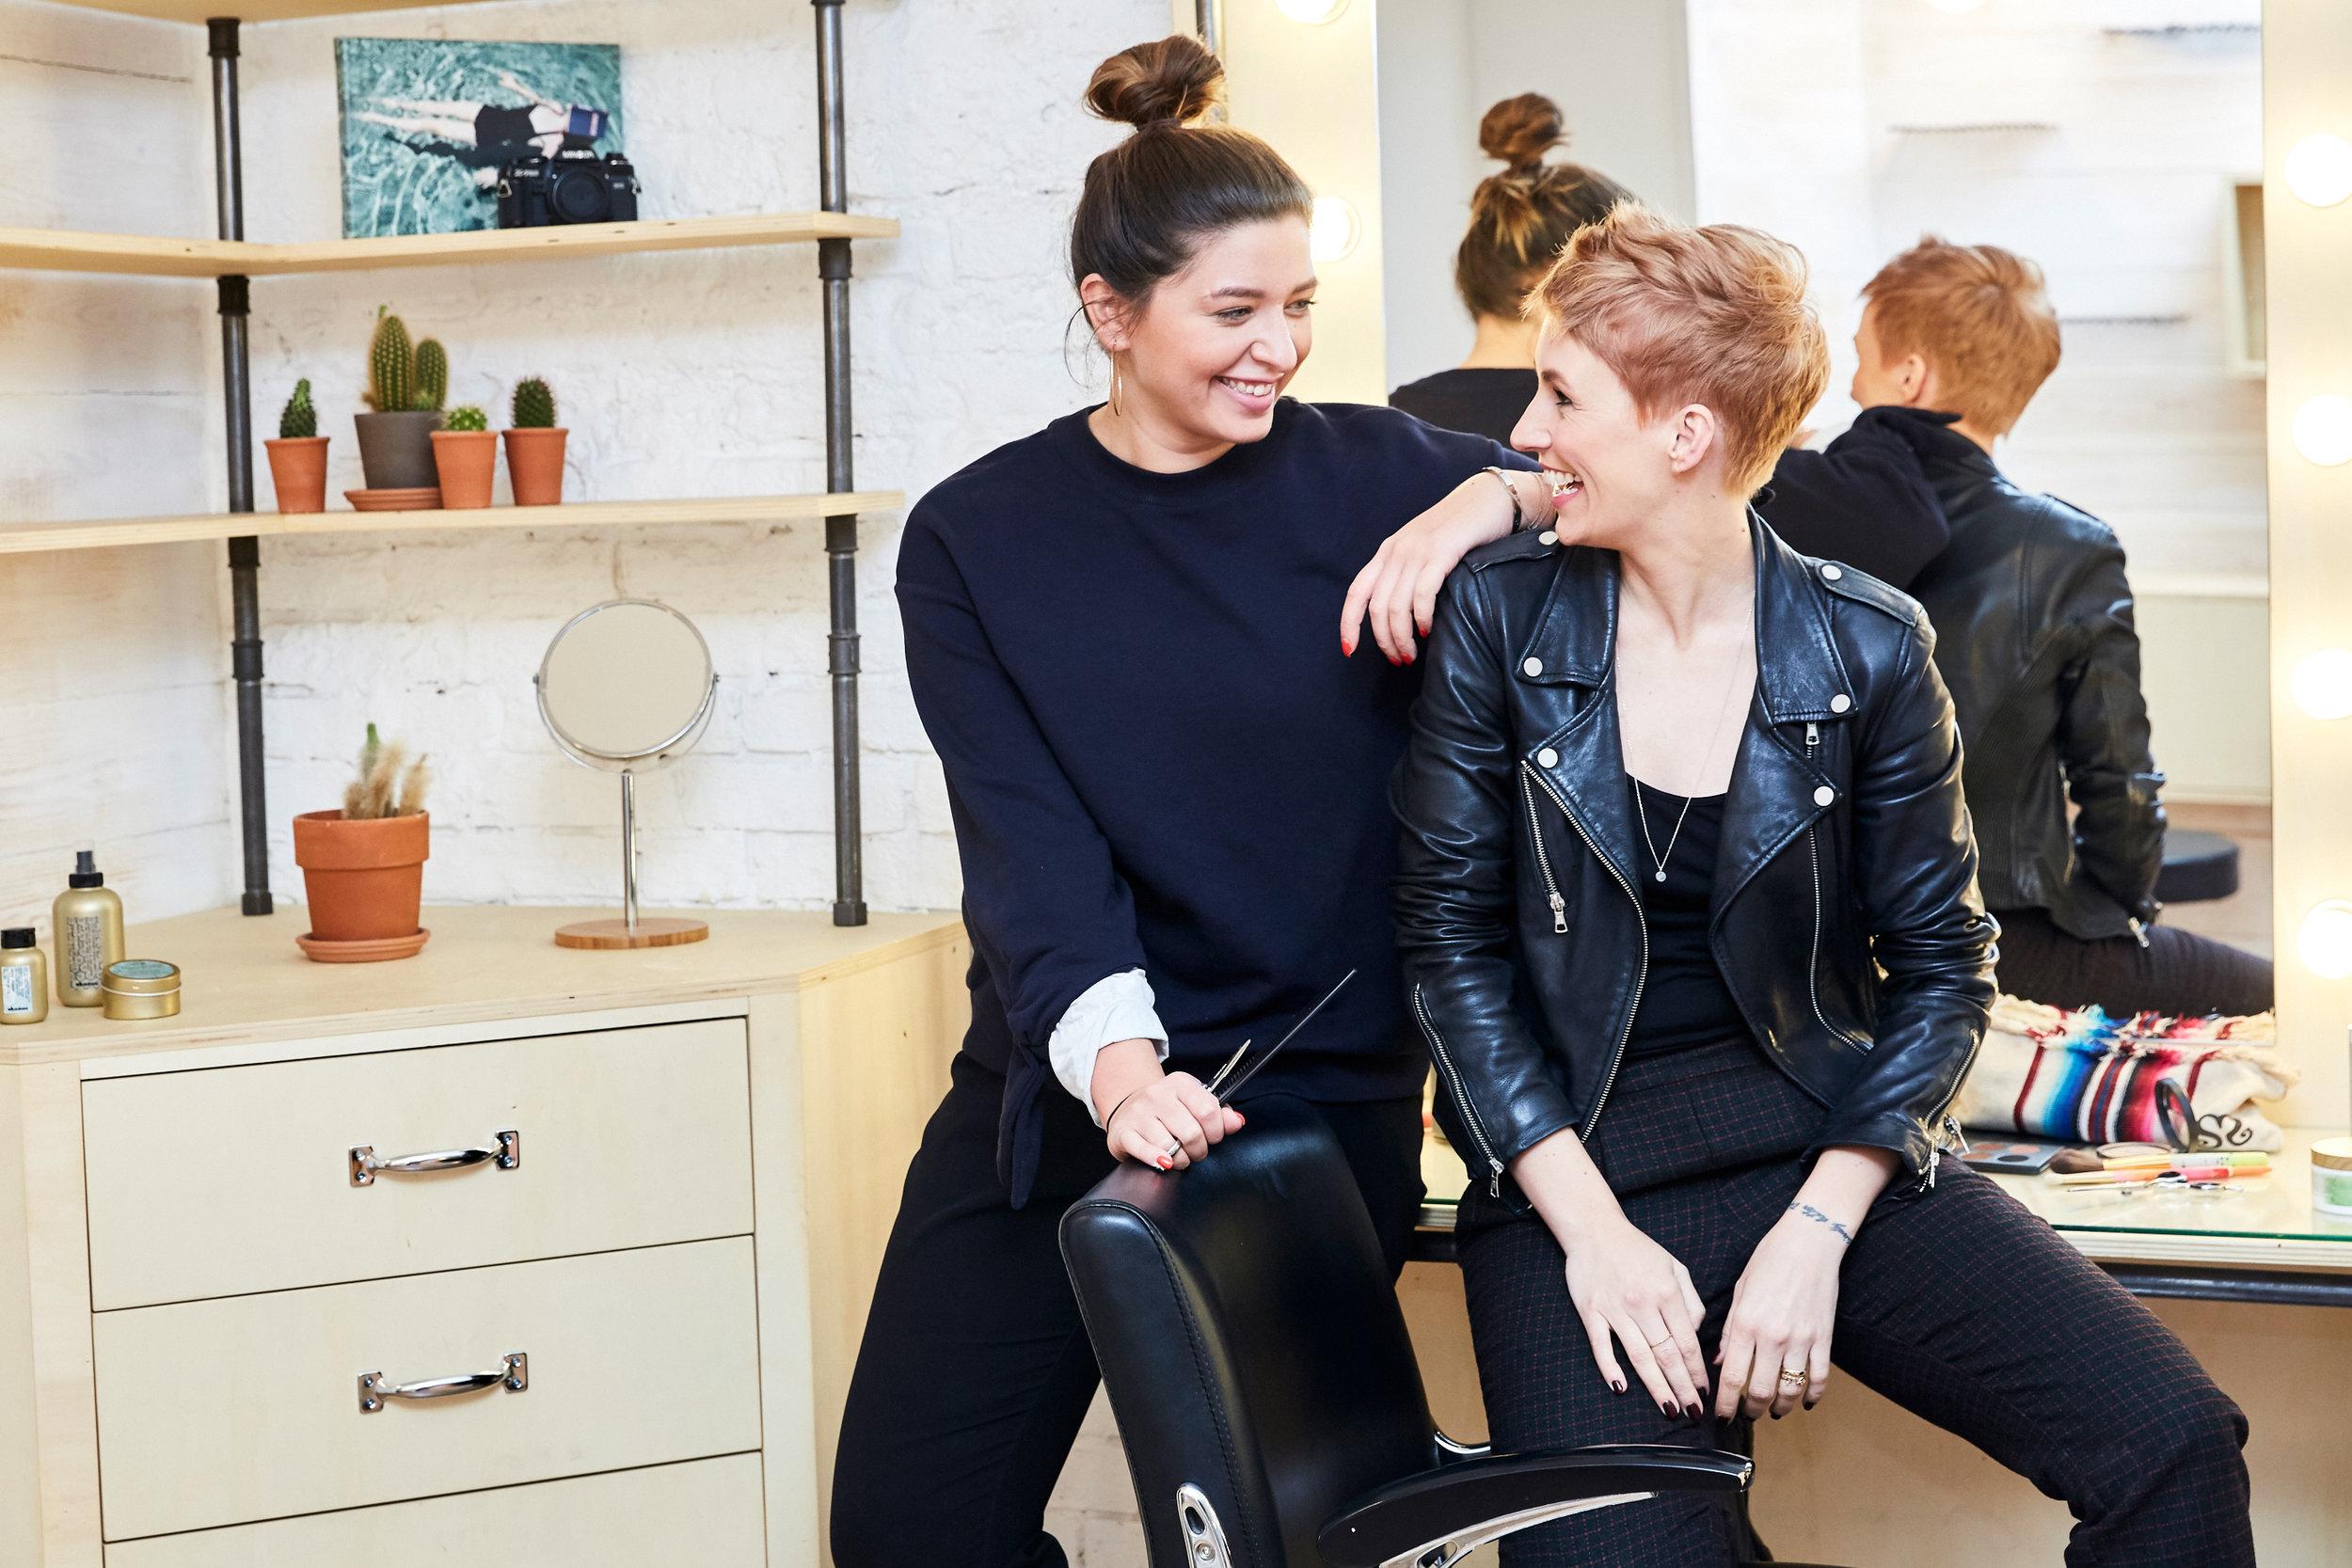 HAIR CUT & STYLEtipps für tolle Haare - Hast du auch das Gefühl, vor dem Jahreswechsel nochmal einige Veränderungen vornehmen zu müssen? Dann geht es dir wie uns und ganz vielen anderen Menschen. Wir wollen das neue Jahr mit viel positiver Energie einläuten und mit einem guten Gefühl starten. An erster Stelle für das eigene Wohlbefinden steht da ganz klar der Gang zum Friseur - neue Haare gehören einfach zum neuen JahrLOS GEHT'S